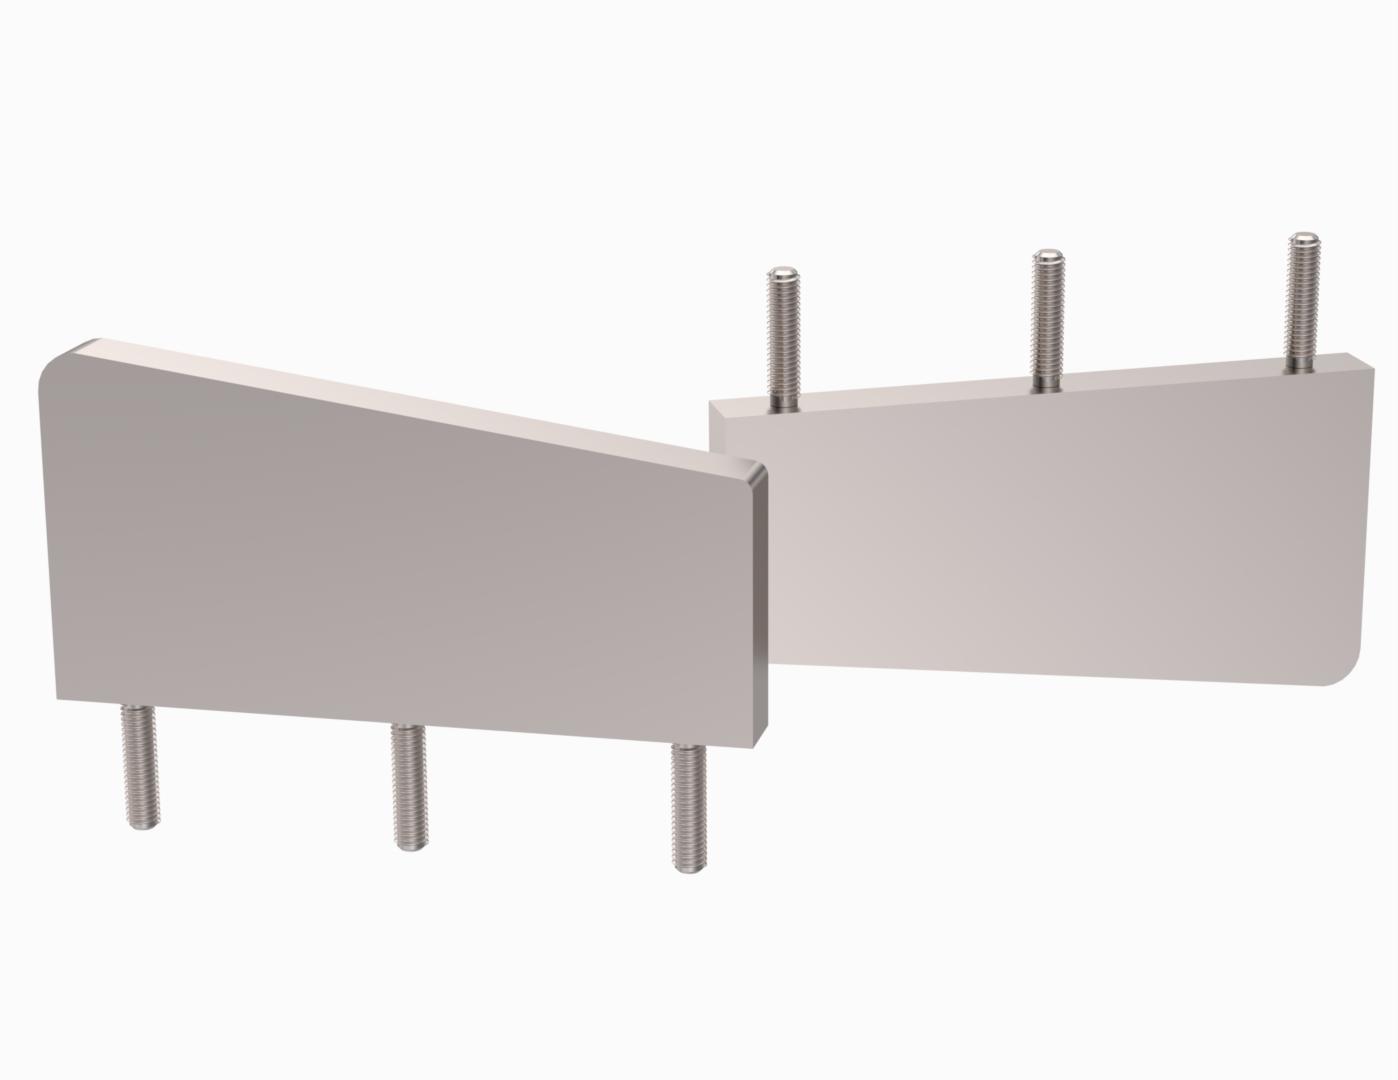 stainless-steel-anti-skateboard-studs-render-KFS100